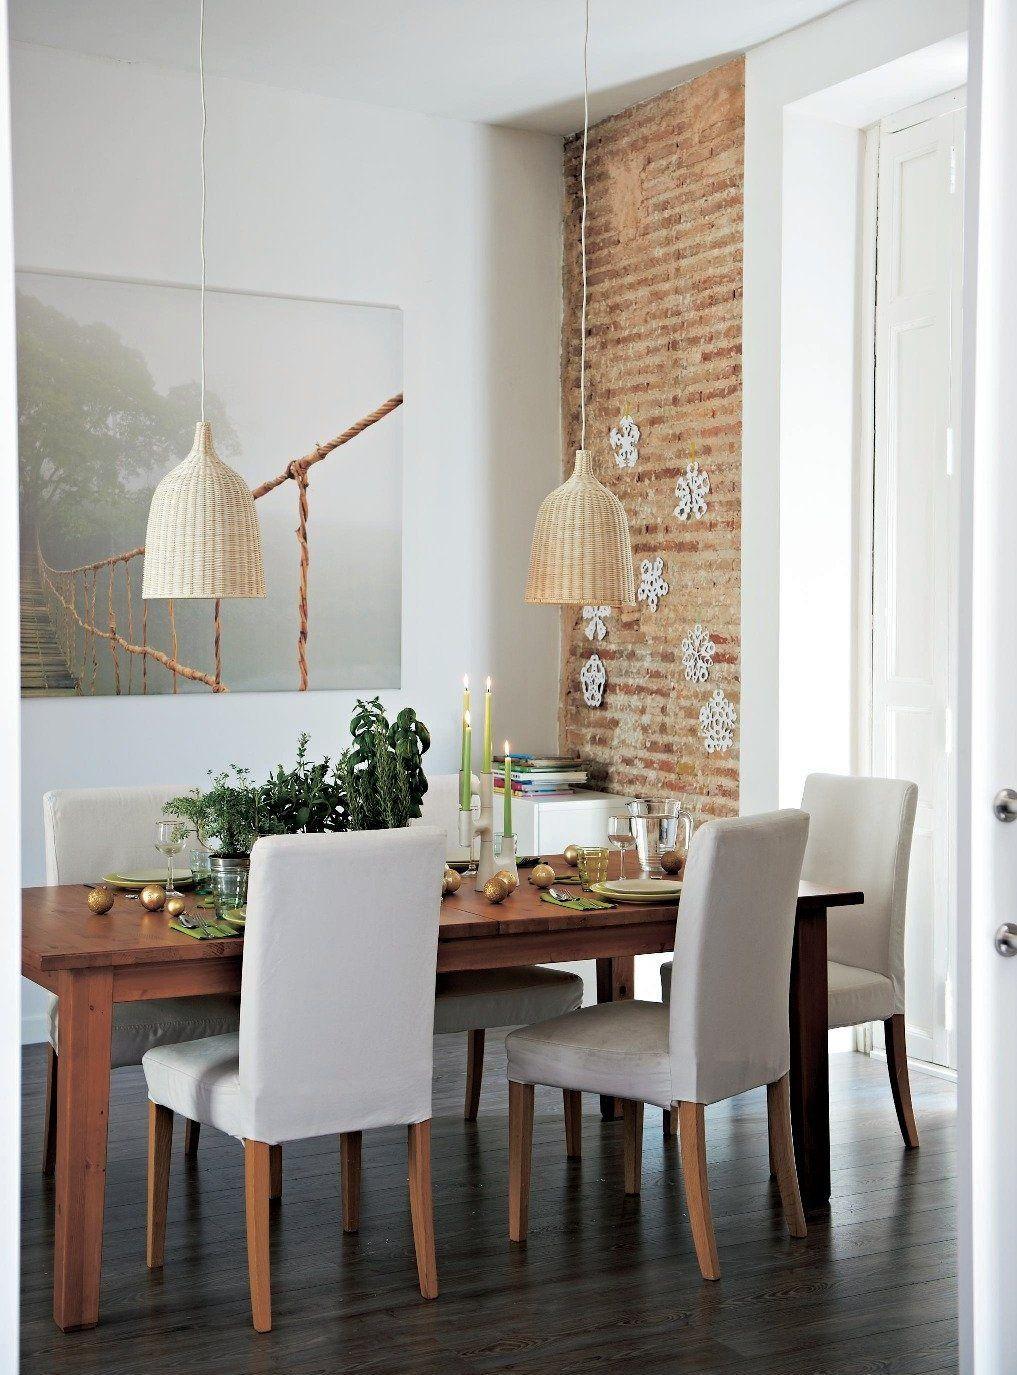 Pratiche Idee Per Rendere Accogliente La Tua Casa Ikea Casa  ~ Decorar Apartamento Pequeño Ikea